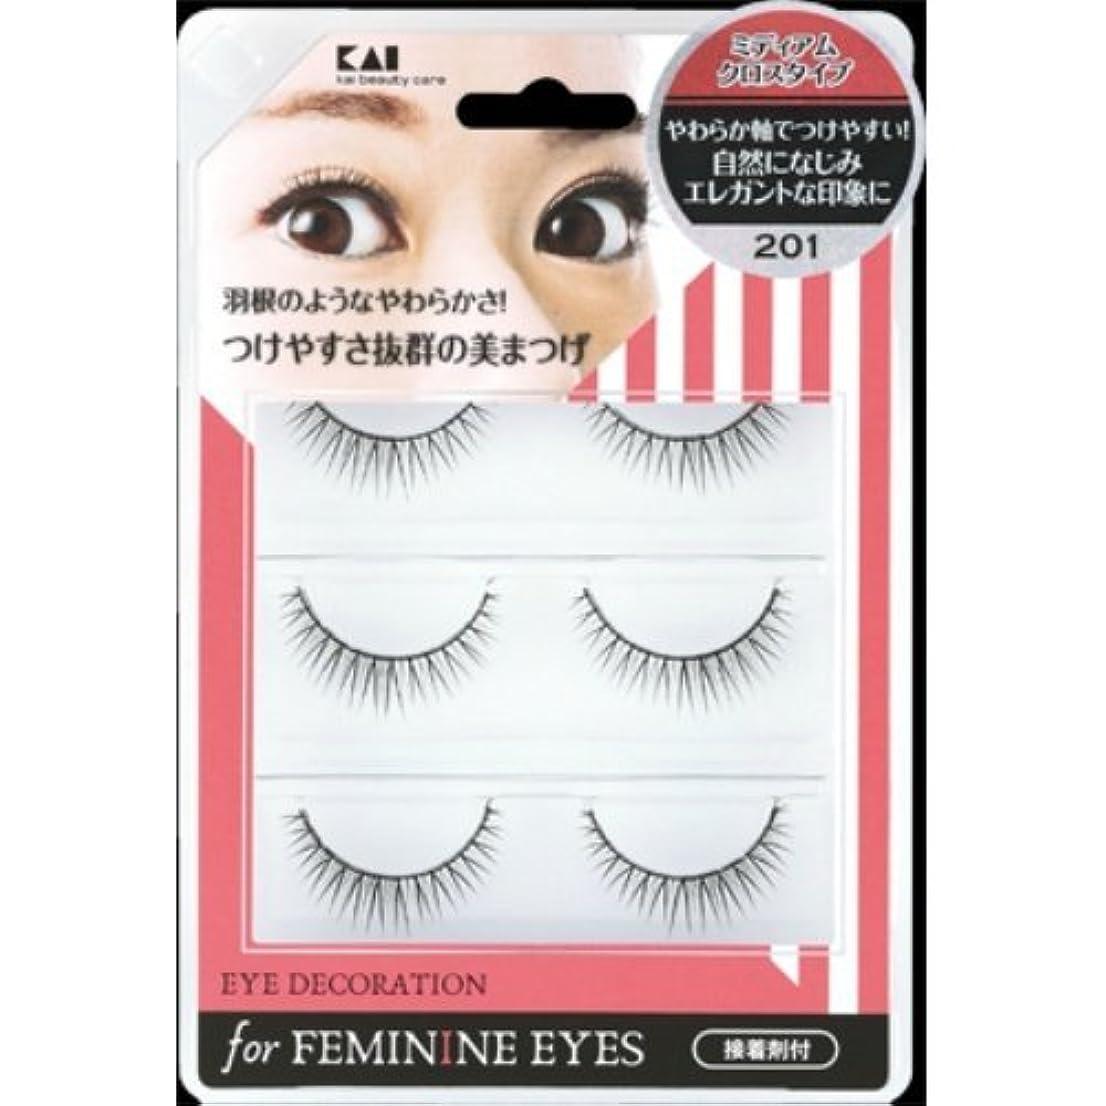 折る素晴らしい物足りない貝印 アイデコレーション for feminine eyes 201 HC1558